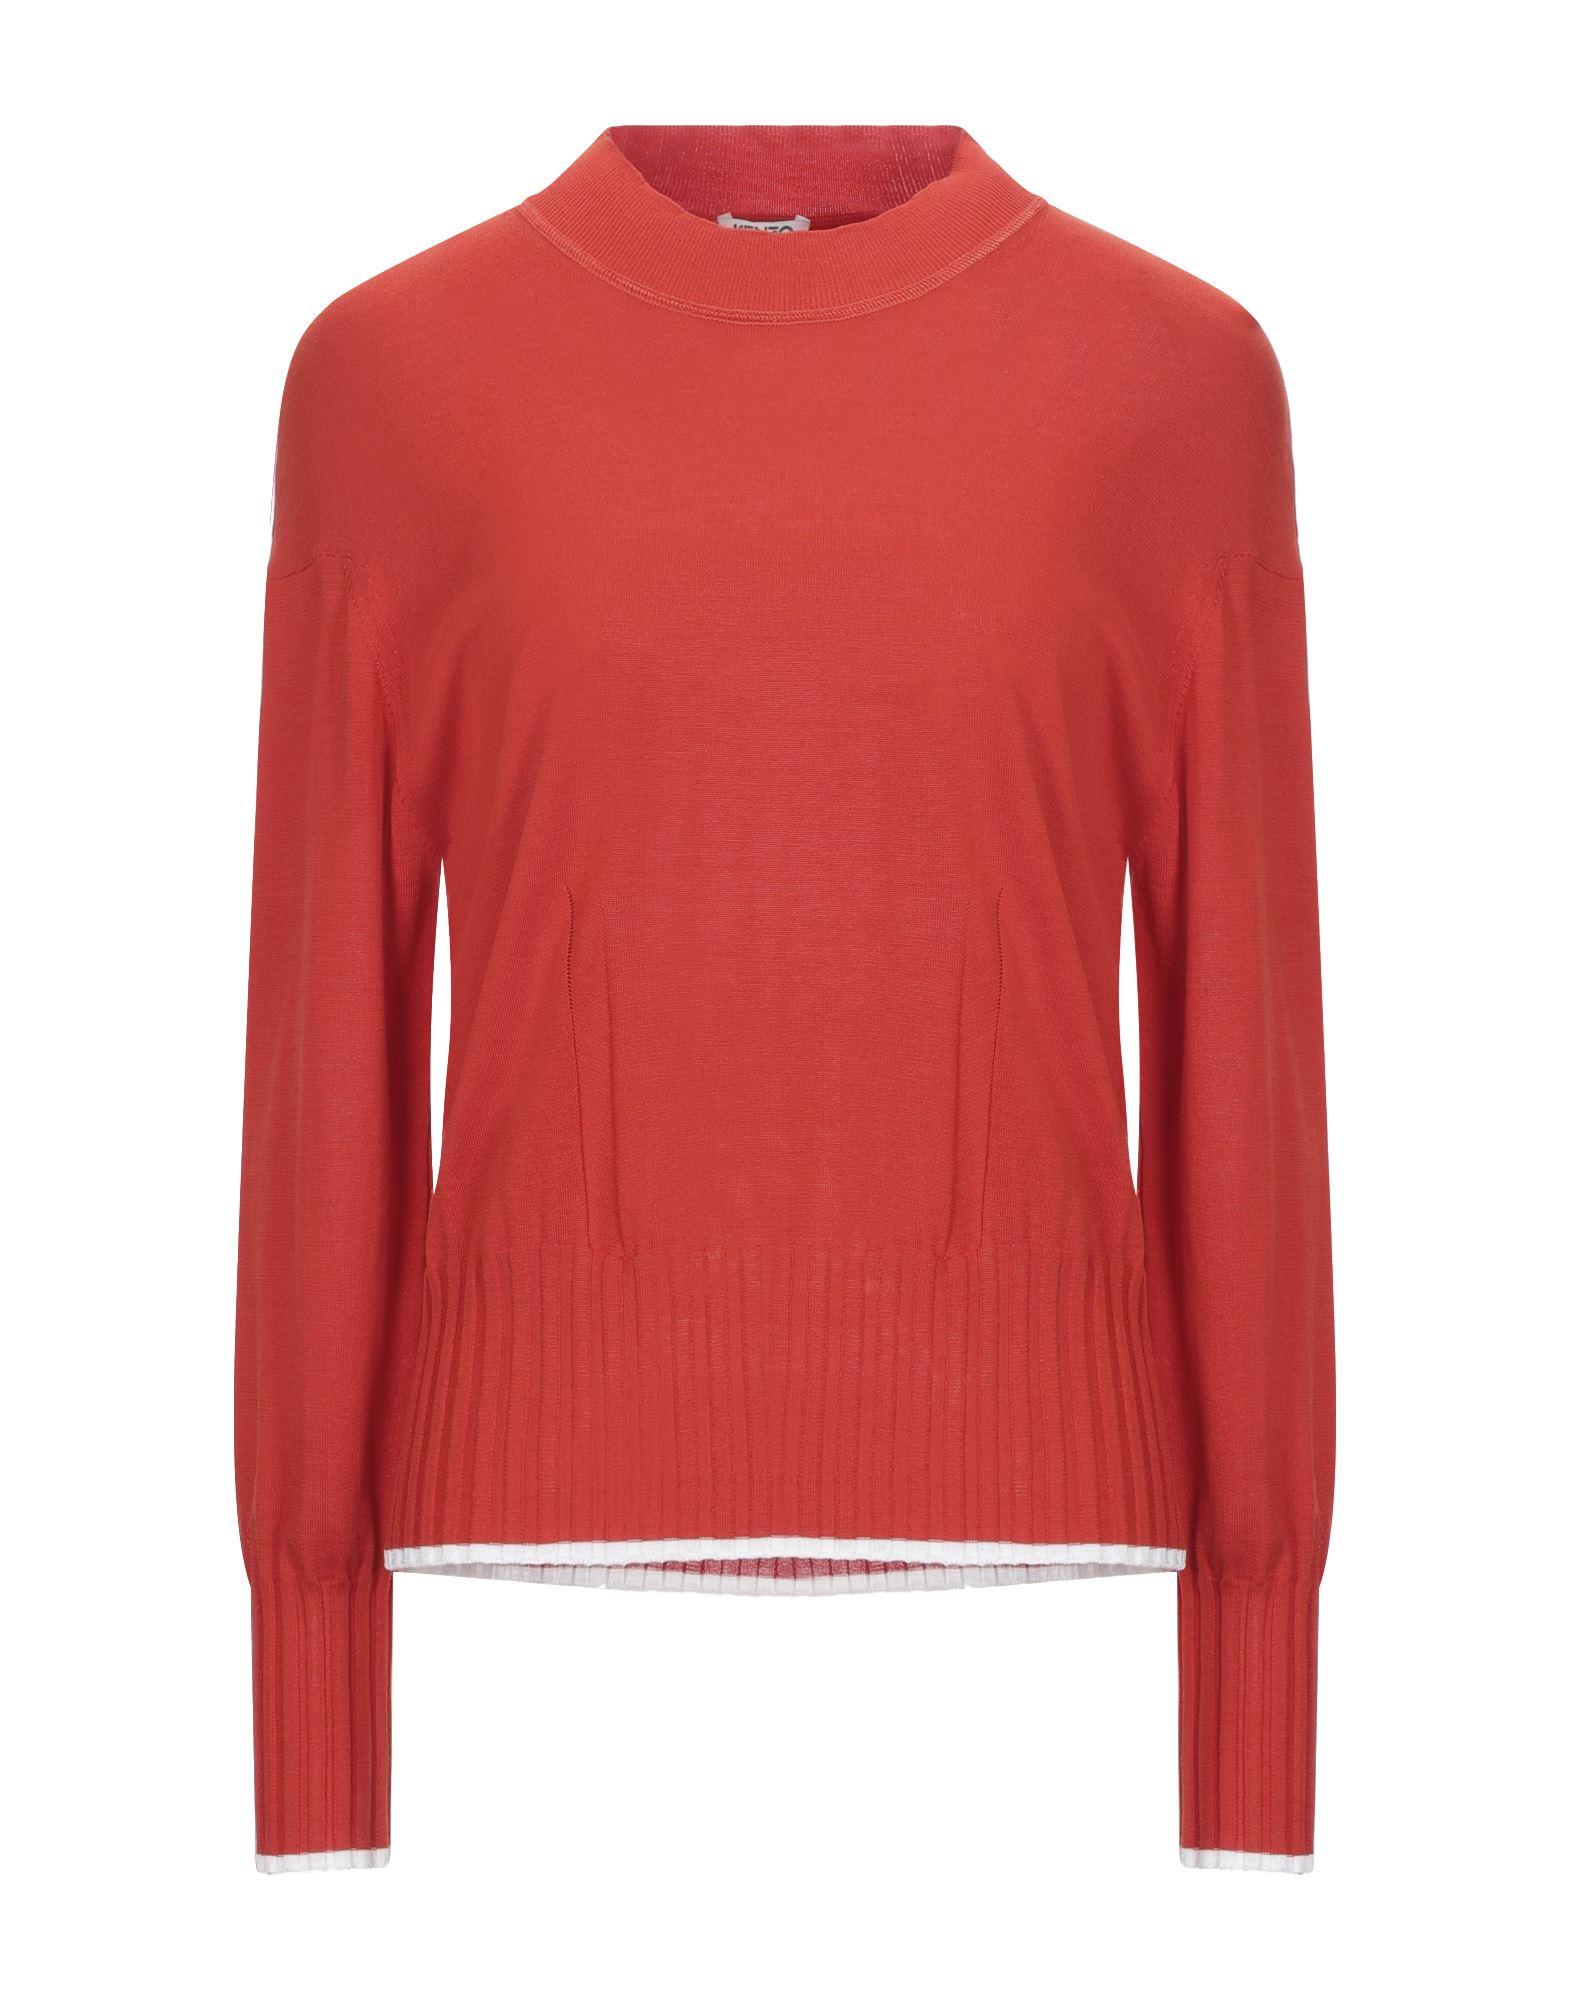 KENZO Sweaters - Item 39841902